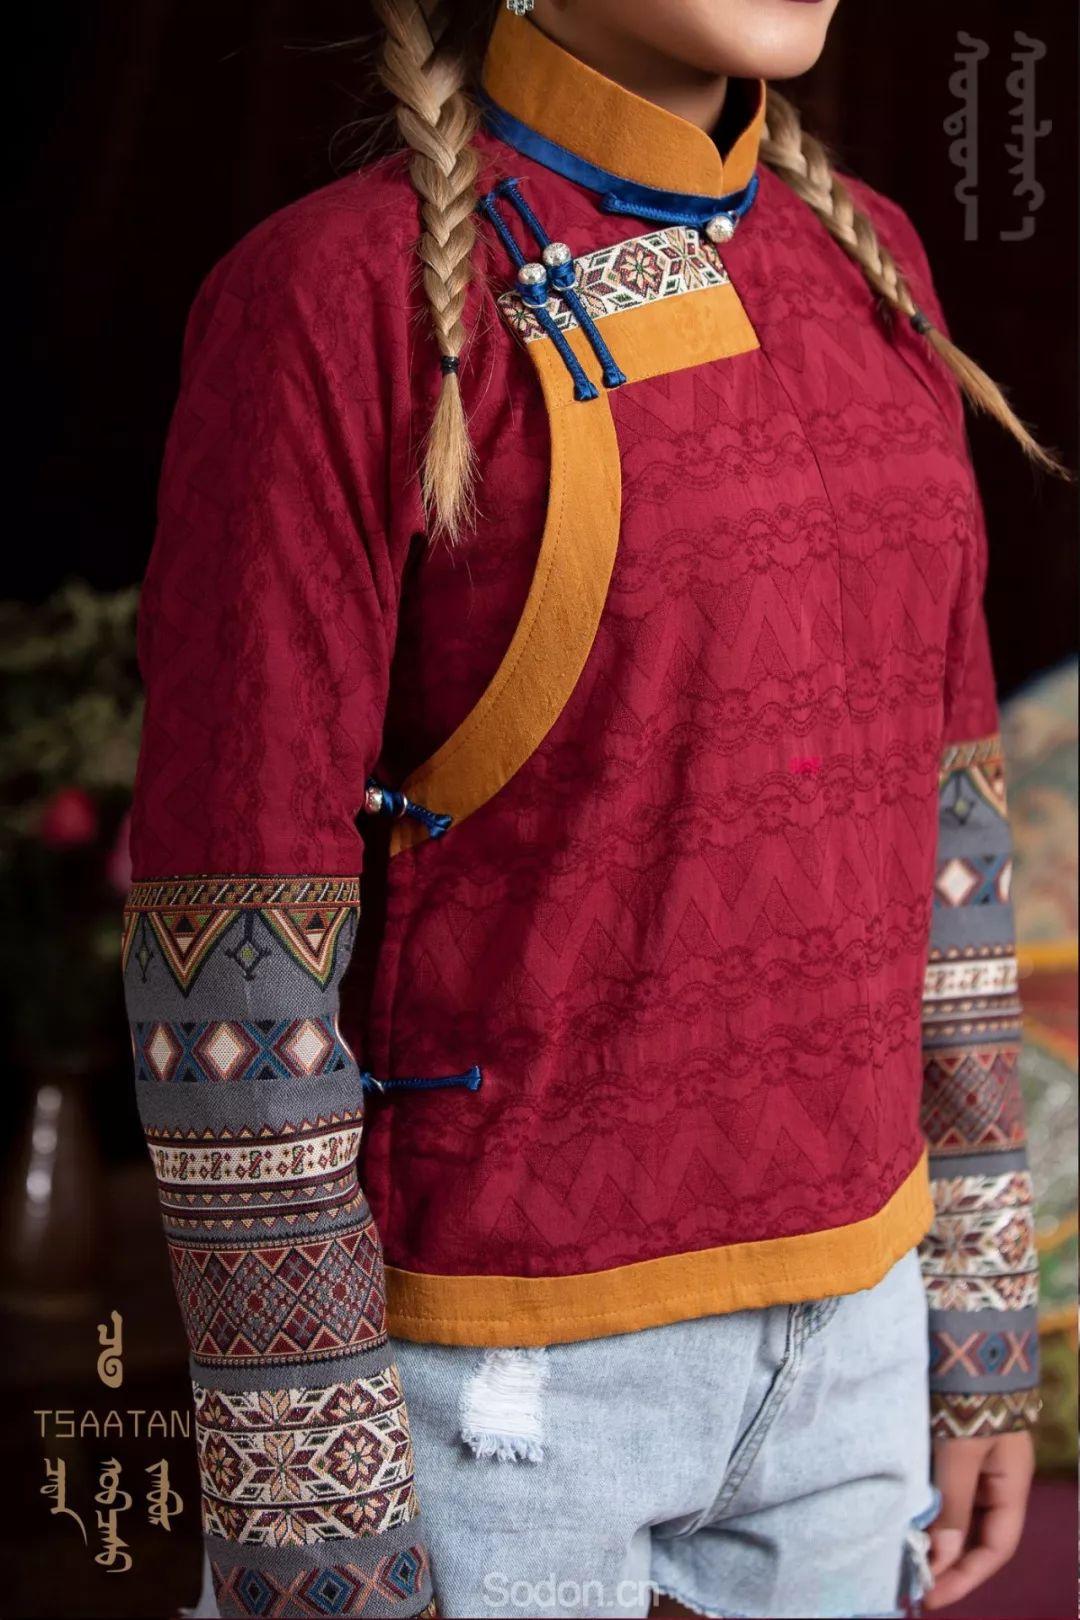 TSAATAN蒙古时装秋冬系列,来自驯鹿人的独特魅力! 第40张 TSAATAN蒙古时装秋冬系列,来自驯鹿人的独特魅力! 蒙古服饰